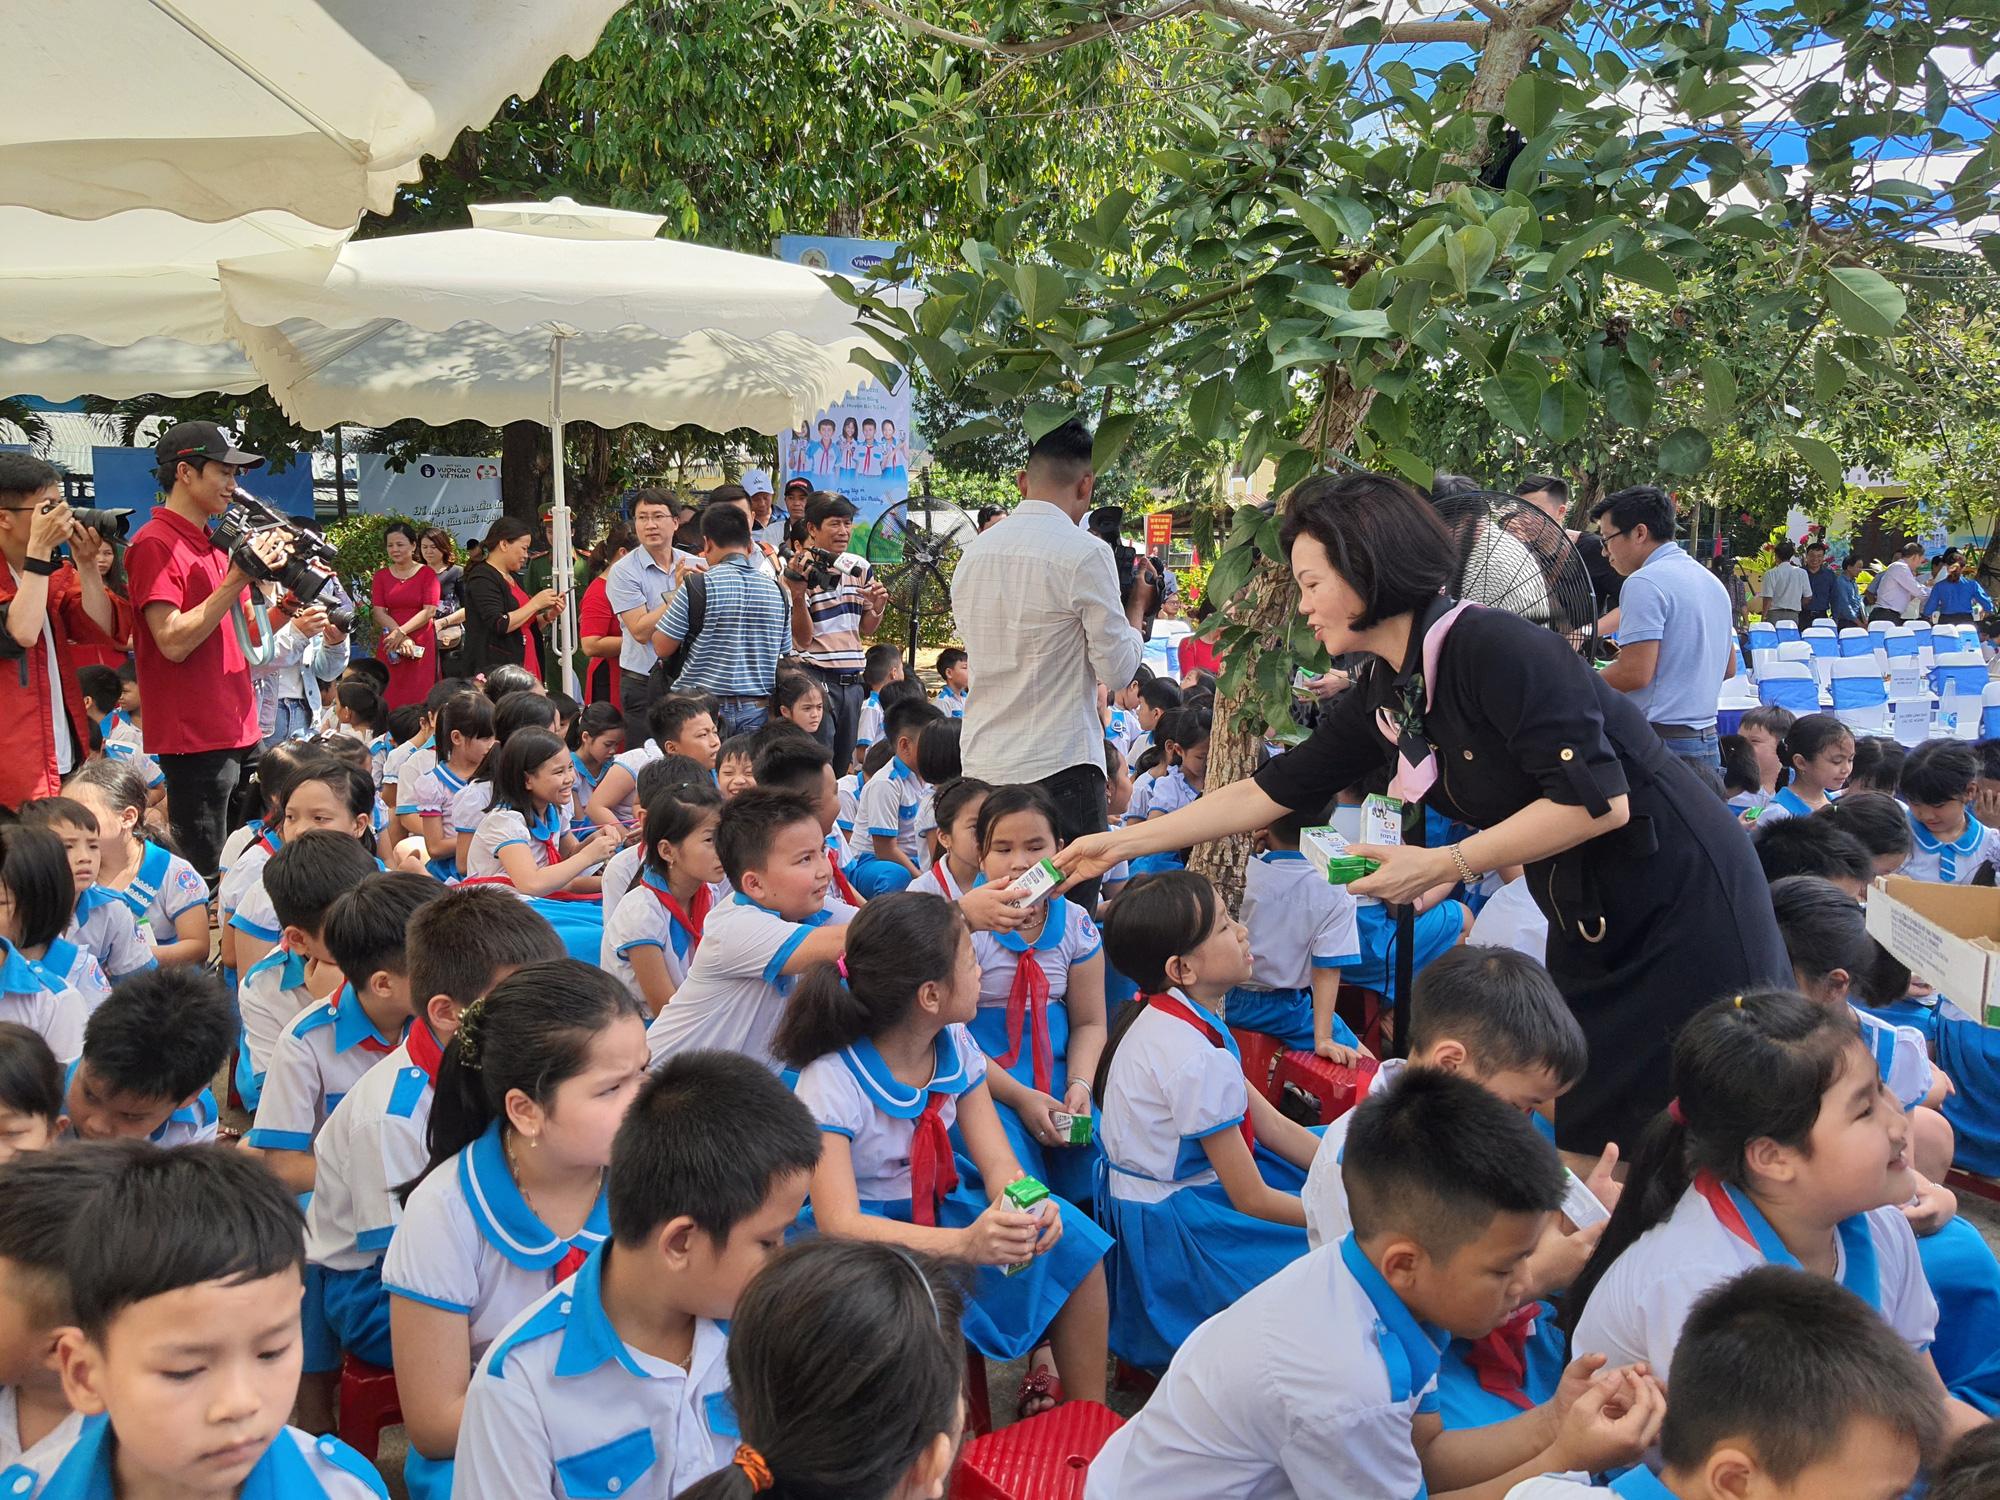 Quảng Nam: Hơn 34.000 trẻ em miền núi, khó khăn được uống Sữa học đường - Ảnh 4.